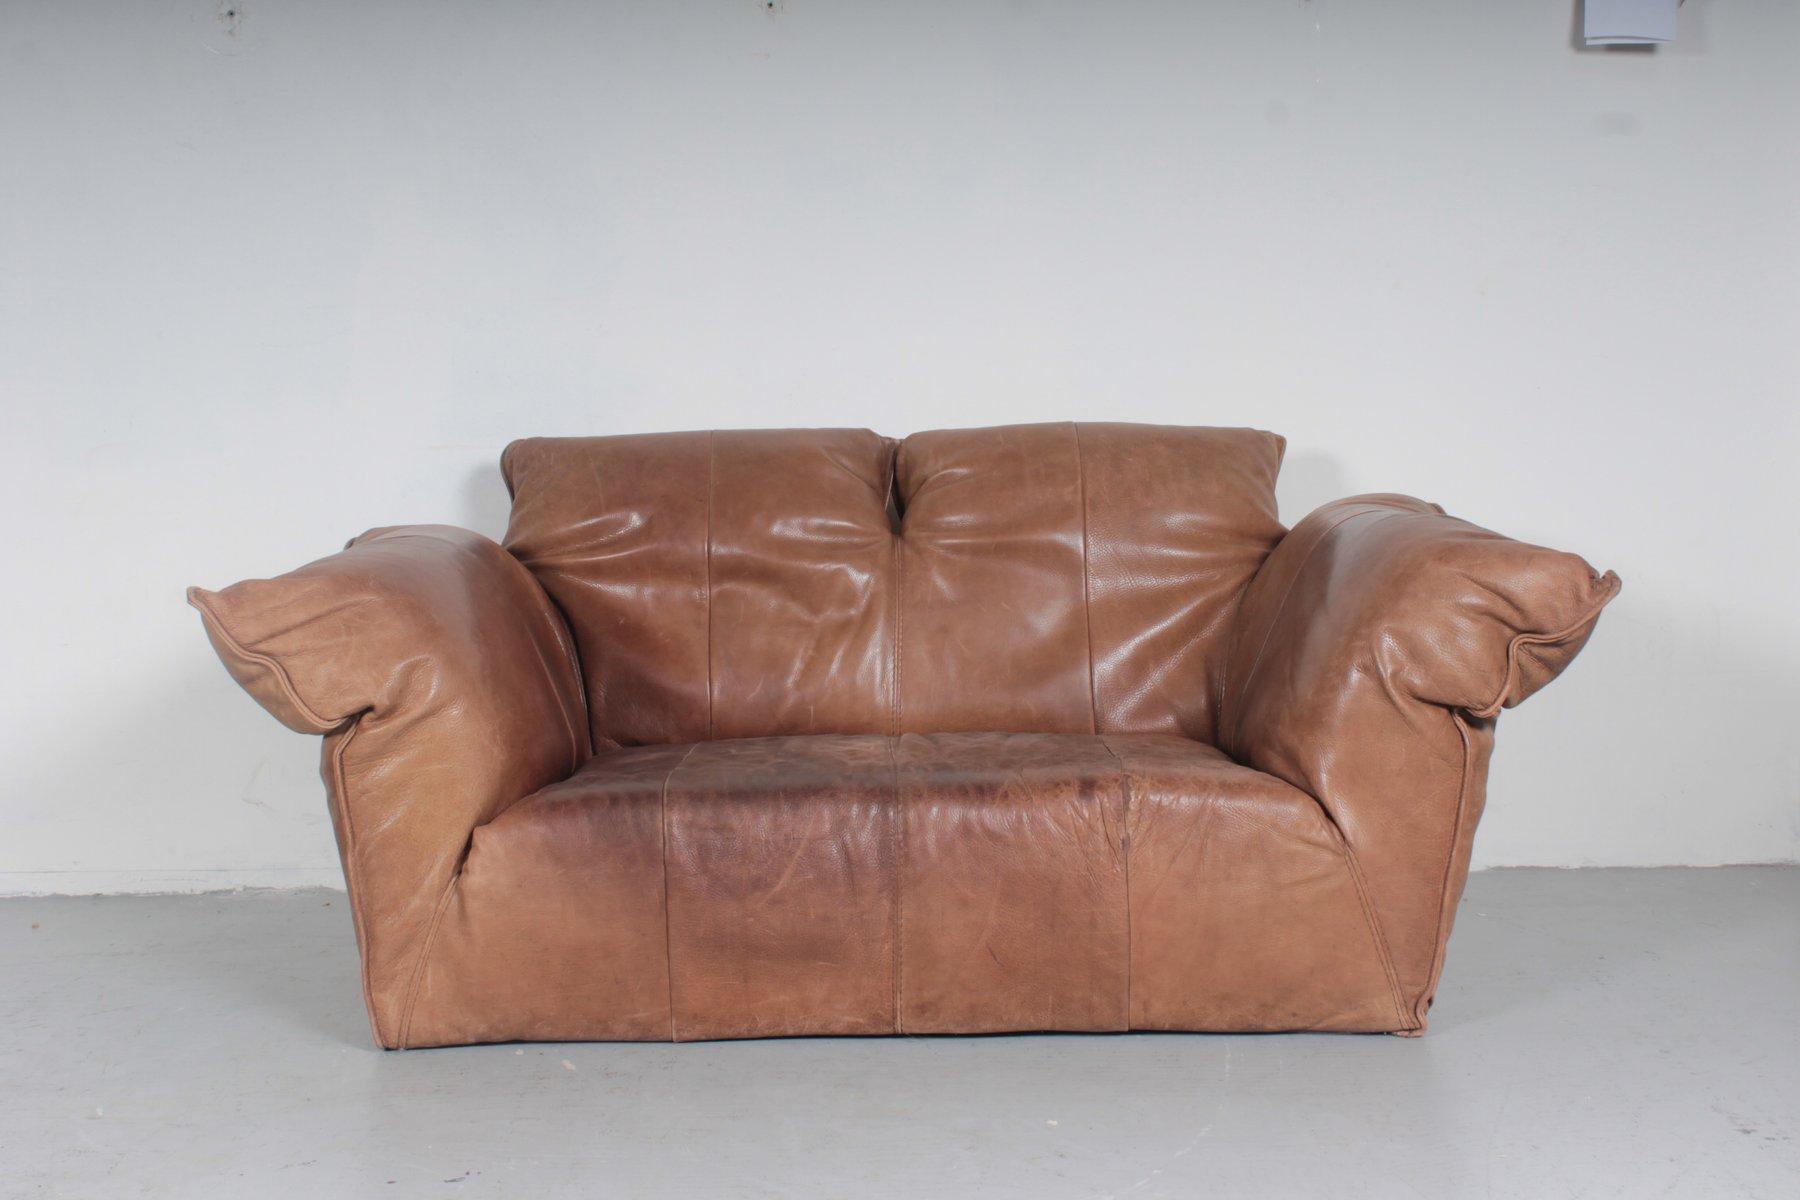 canap deux places vintage en cuir marron par gerard van den berg pour montis 1970s en vente. Black Bedroom Furniture Sets. Home Design Ideas